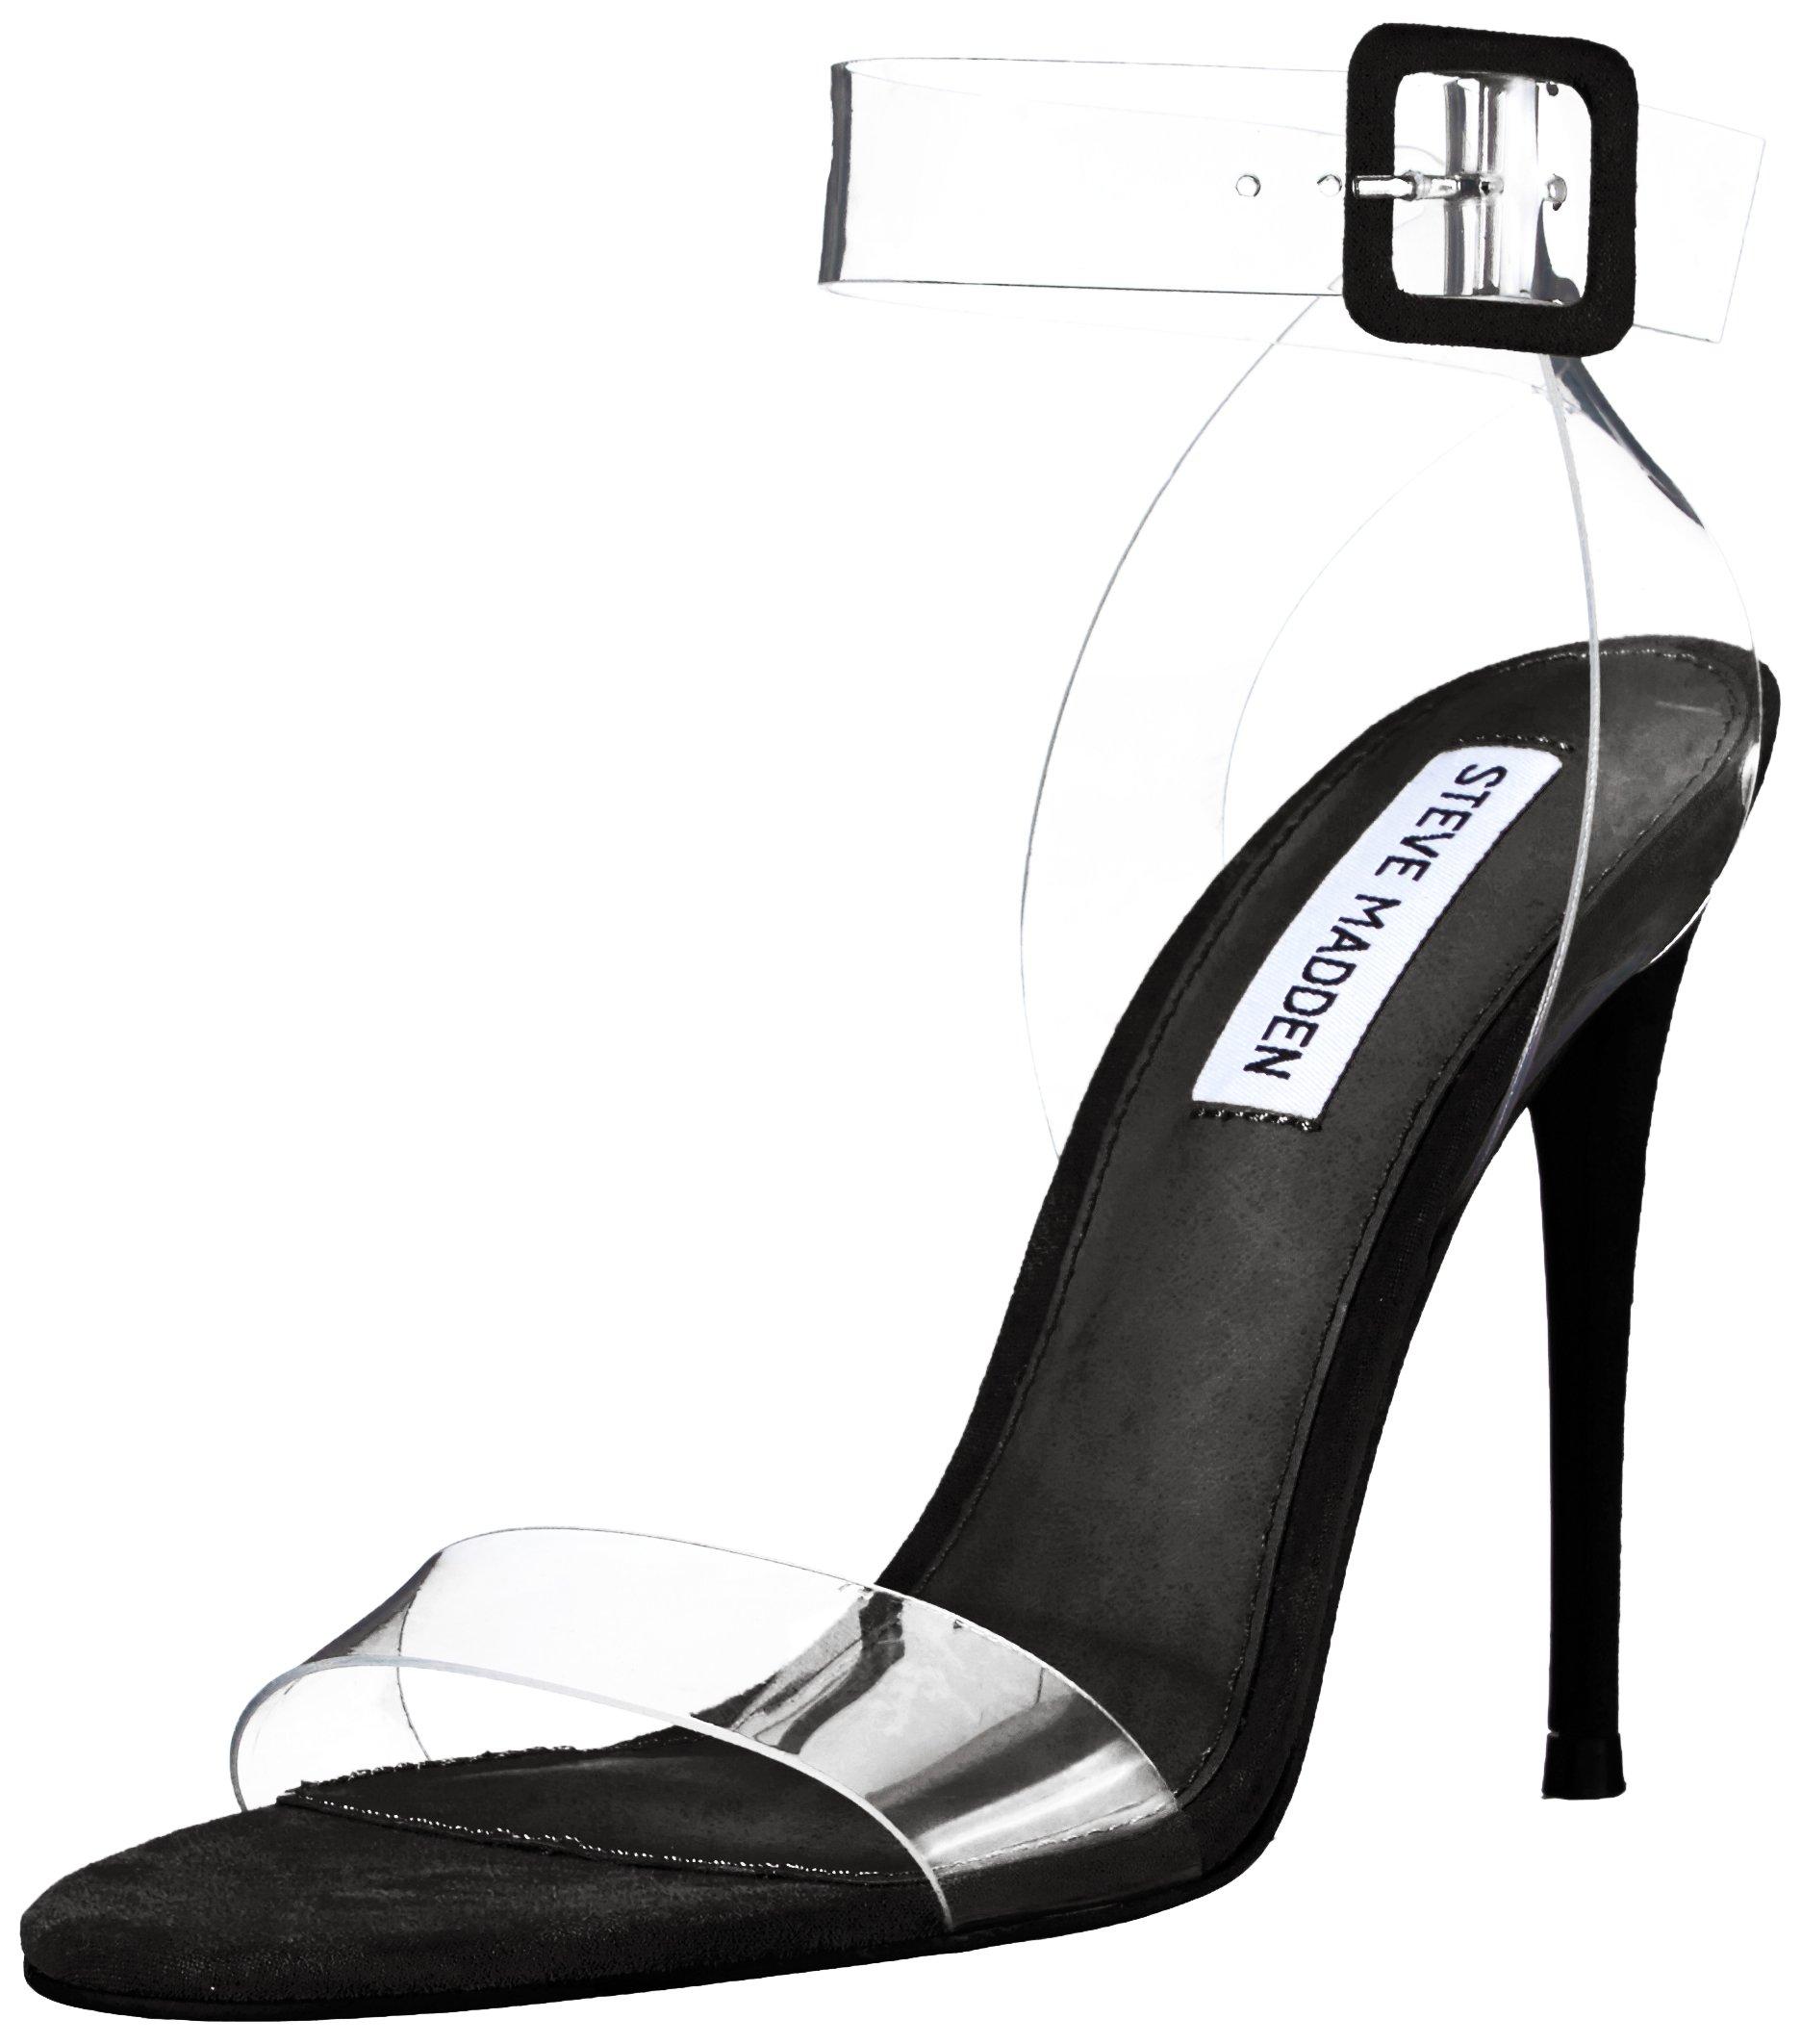 35d99c32694 Steve Madden Women's SEEME Heeled Sandal, Black, 6 M US